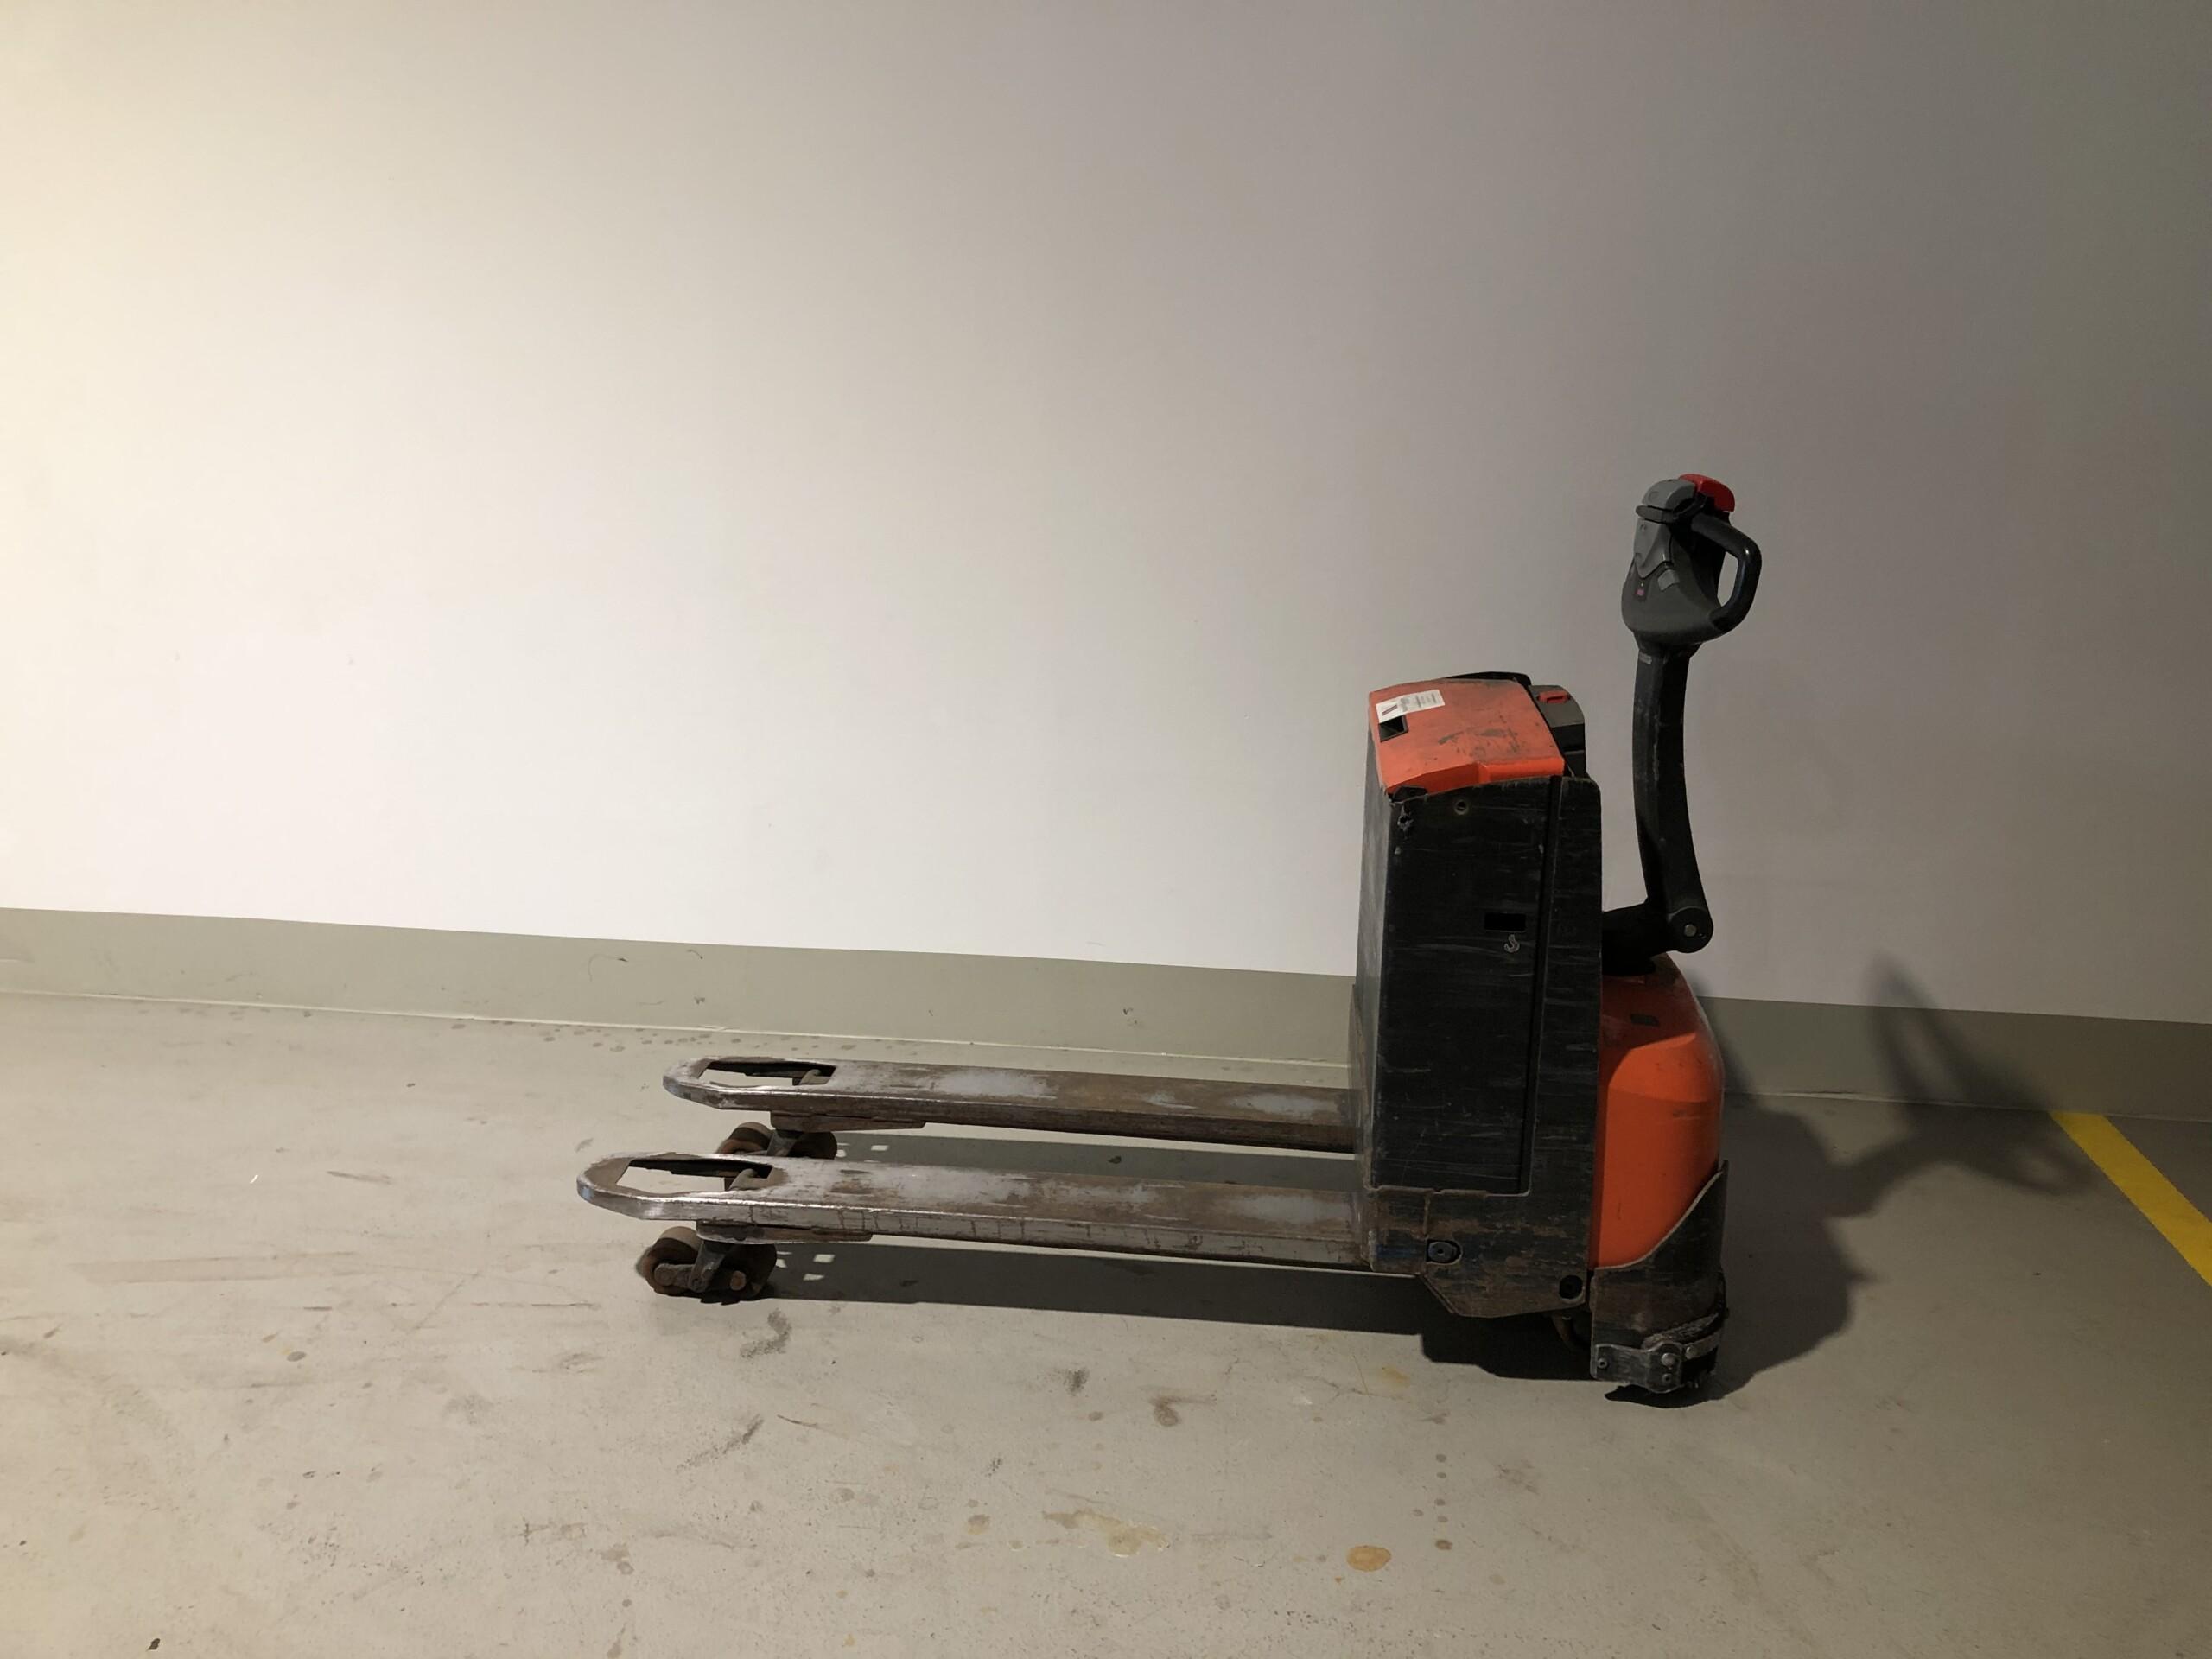 Toyota-Gabelstapler-59840 1609042157 1 34 scaled